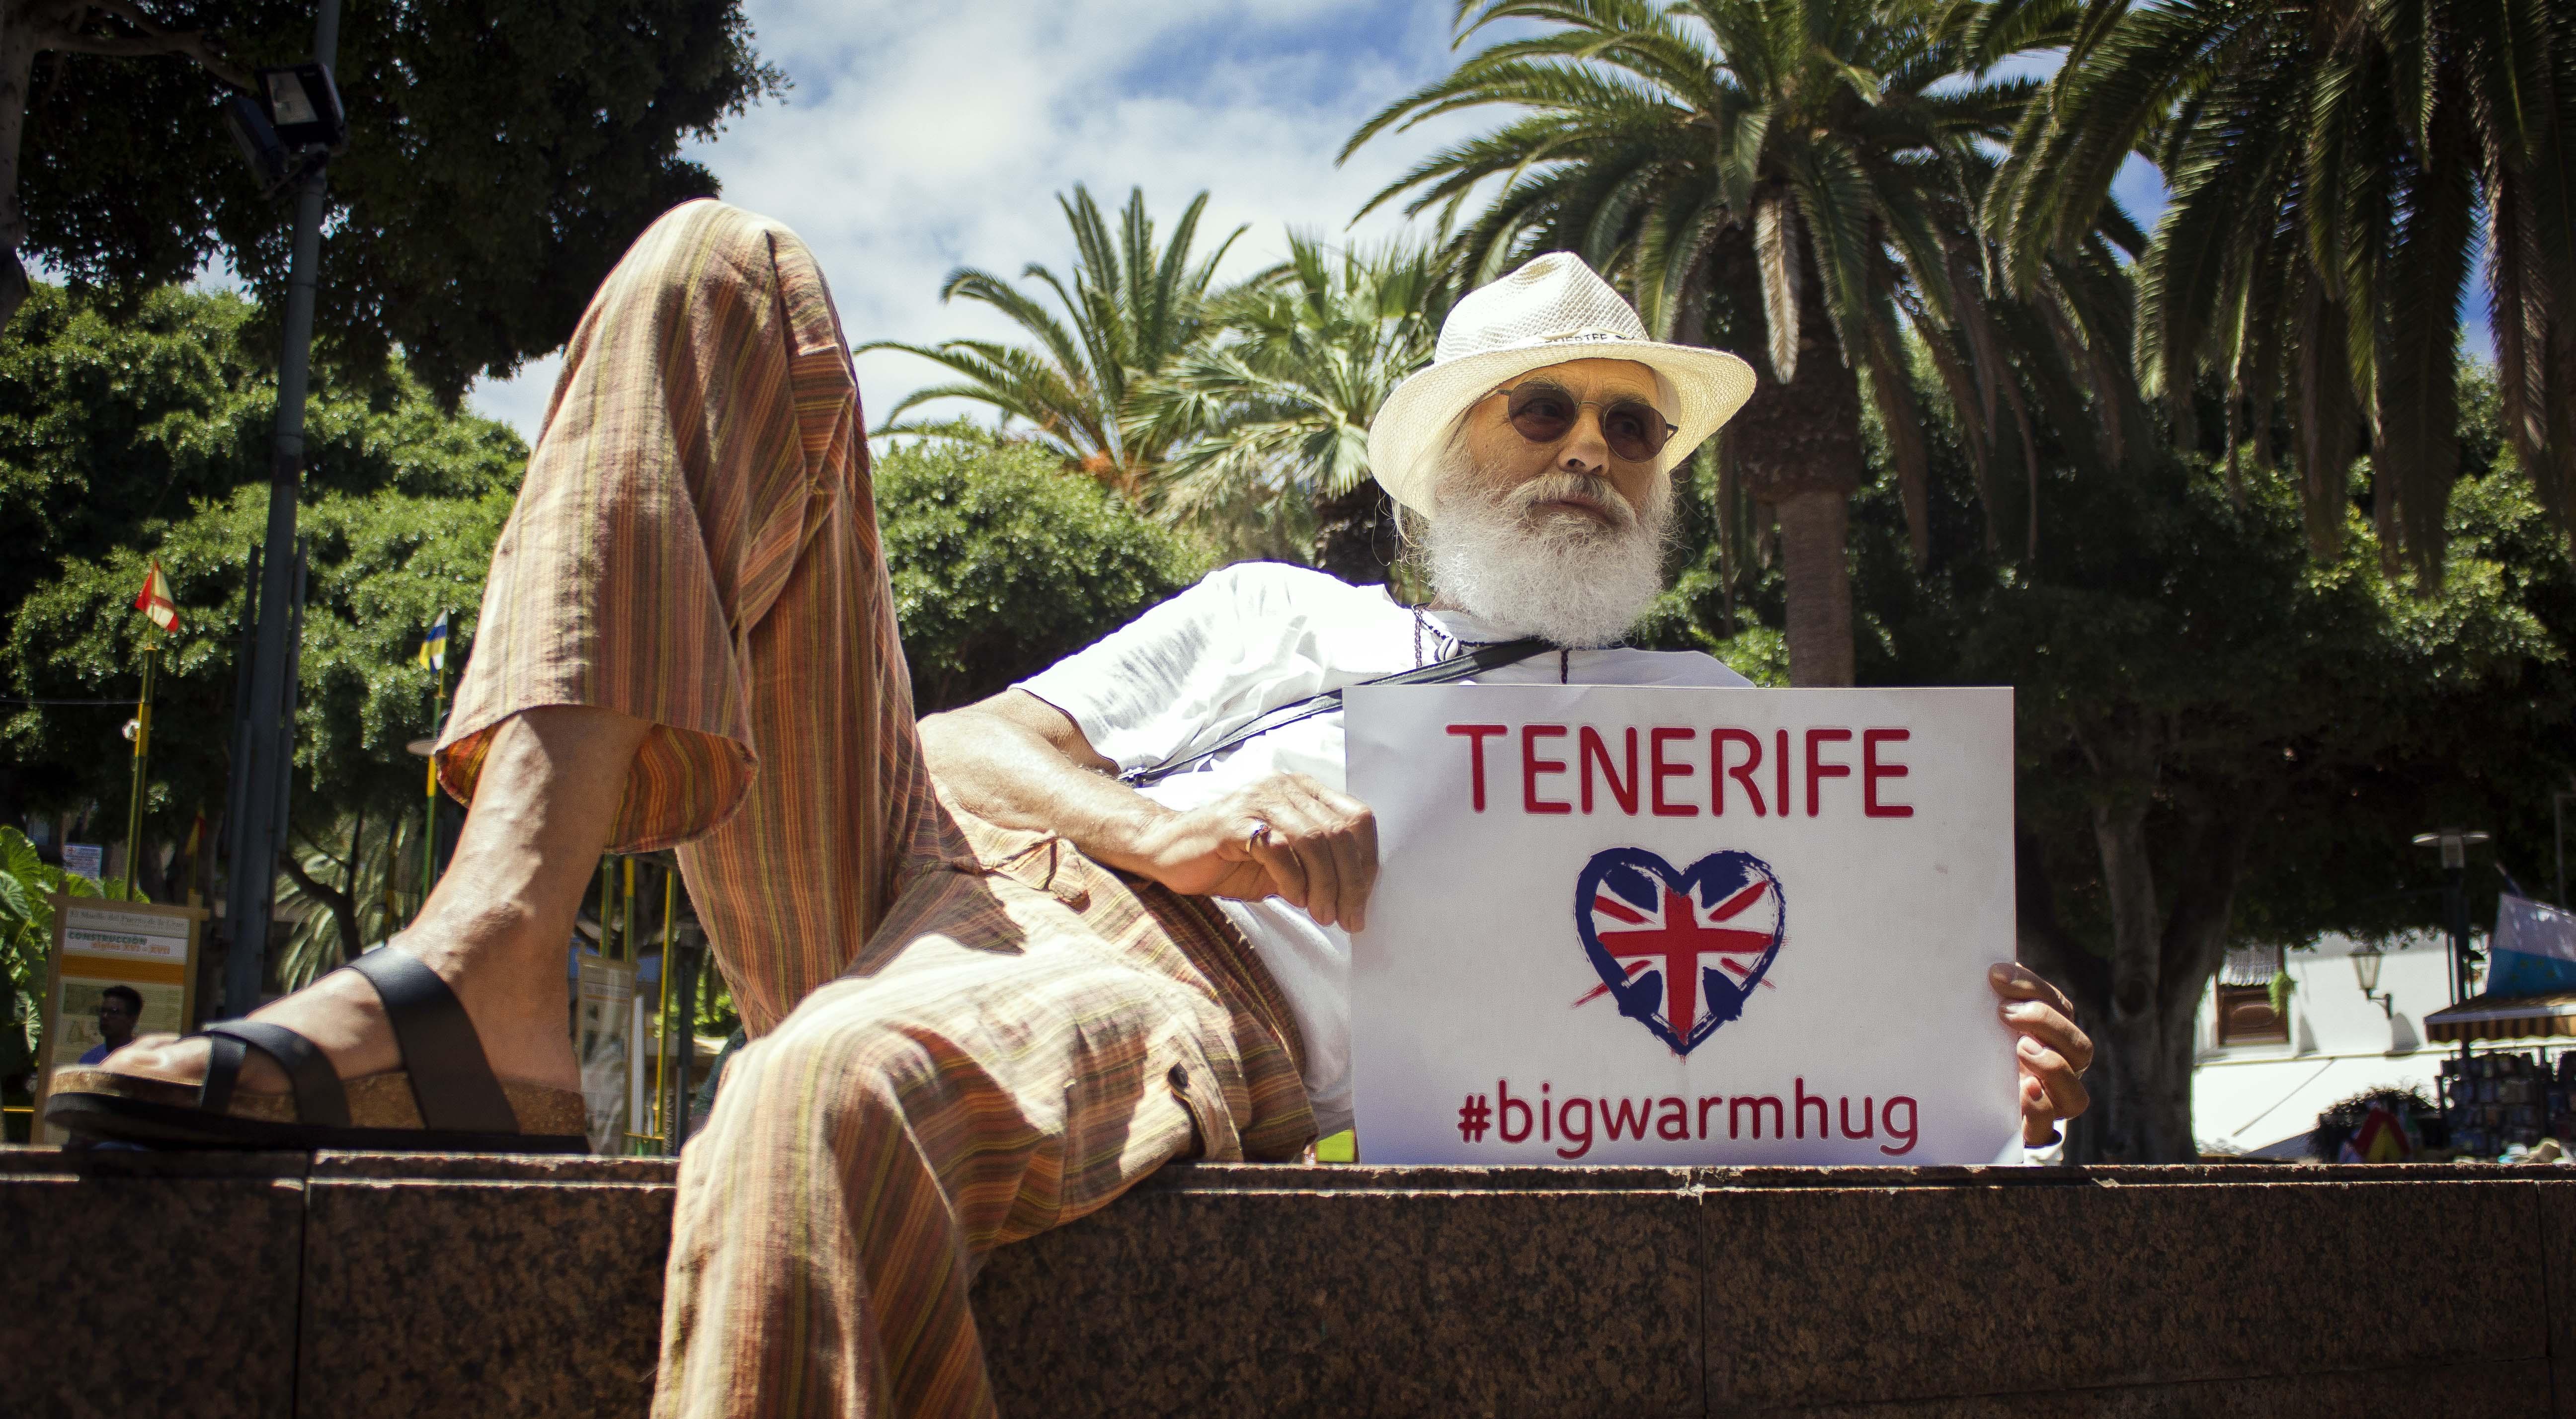 Top 5 #bigwarmhug from Puerto de la Cruz